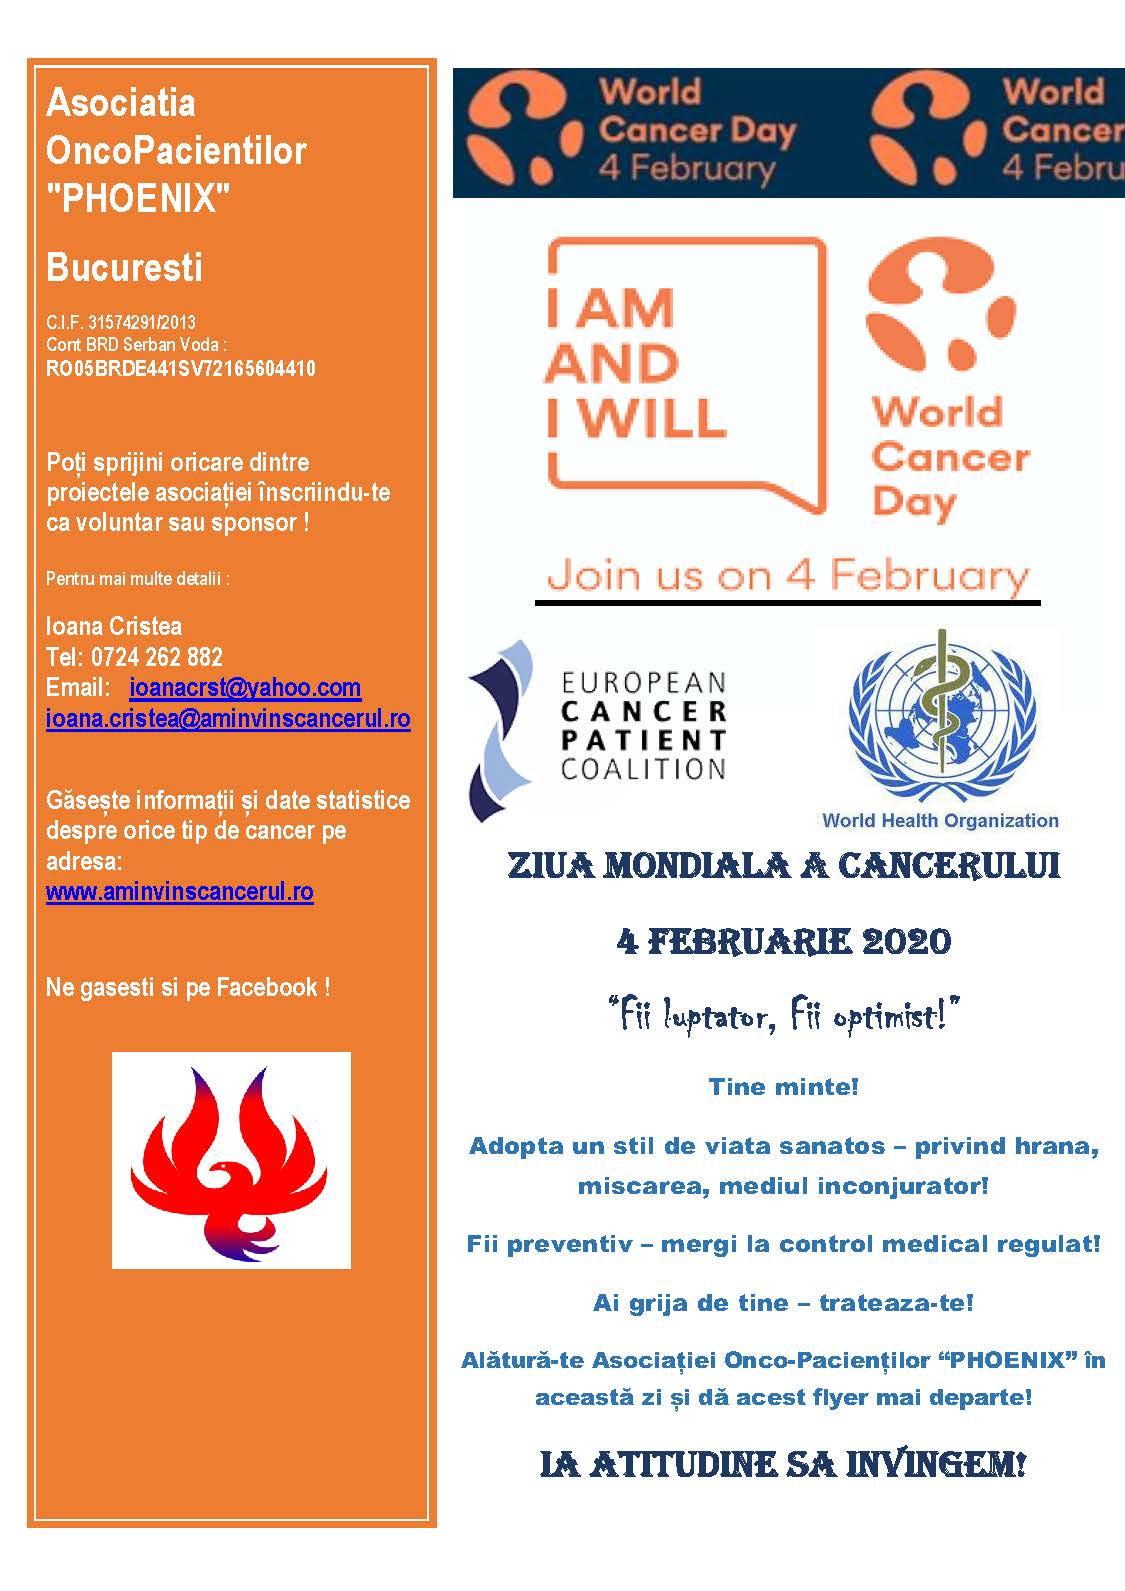 4 februarie, Ziua Mondială de Luptă Împotriva Cancerului, Asociația OncoPacientilor PHOENIX